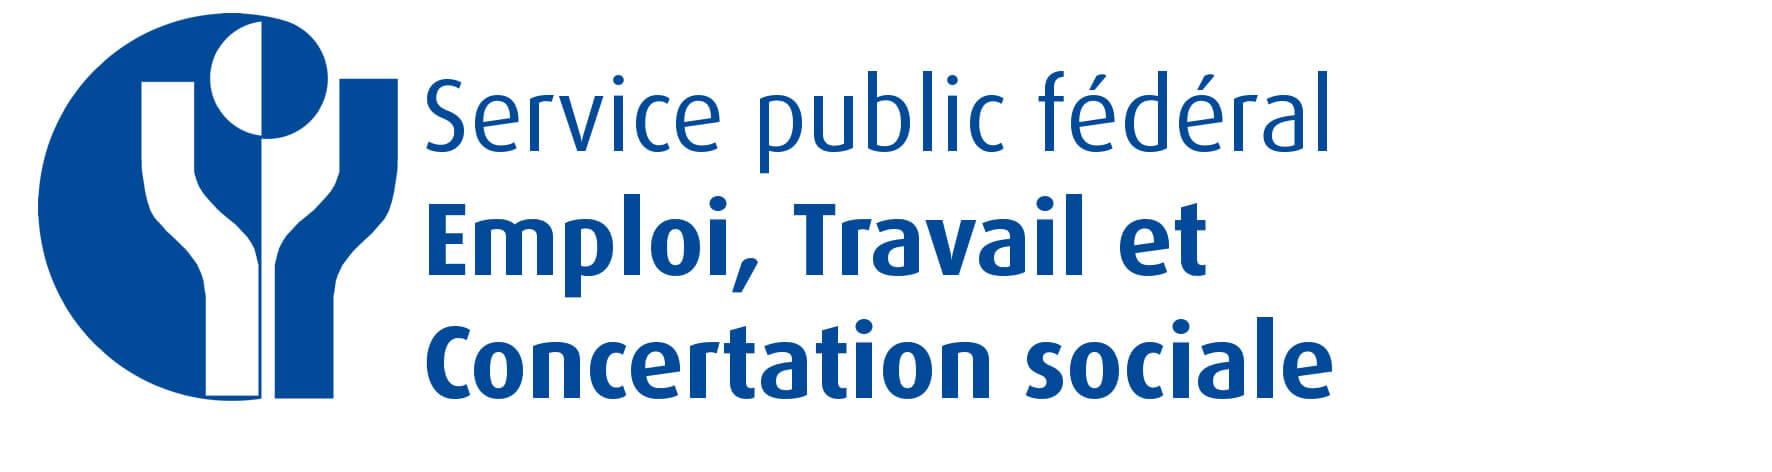 Logo représentant le service public fédéral